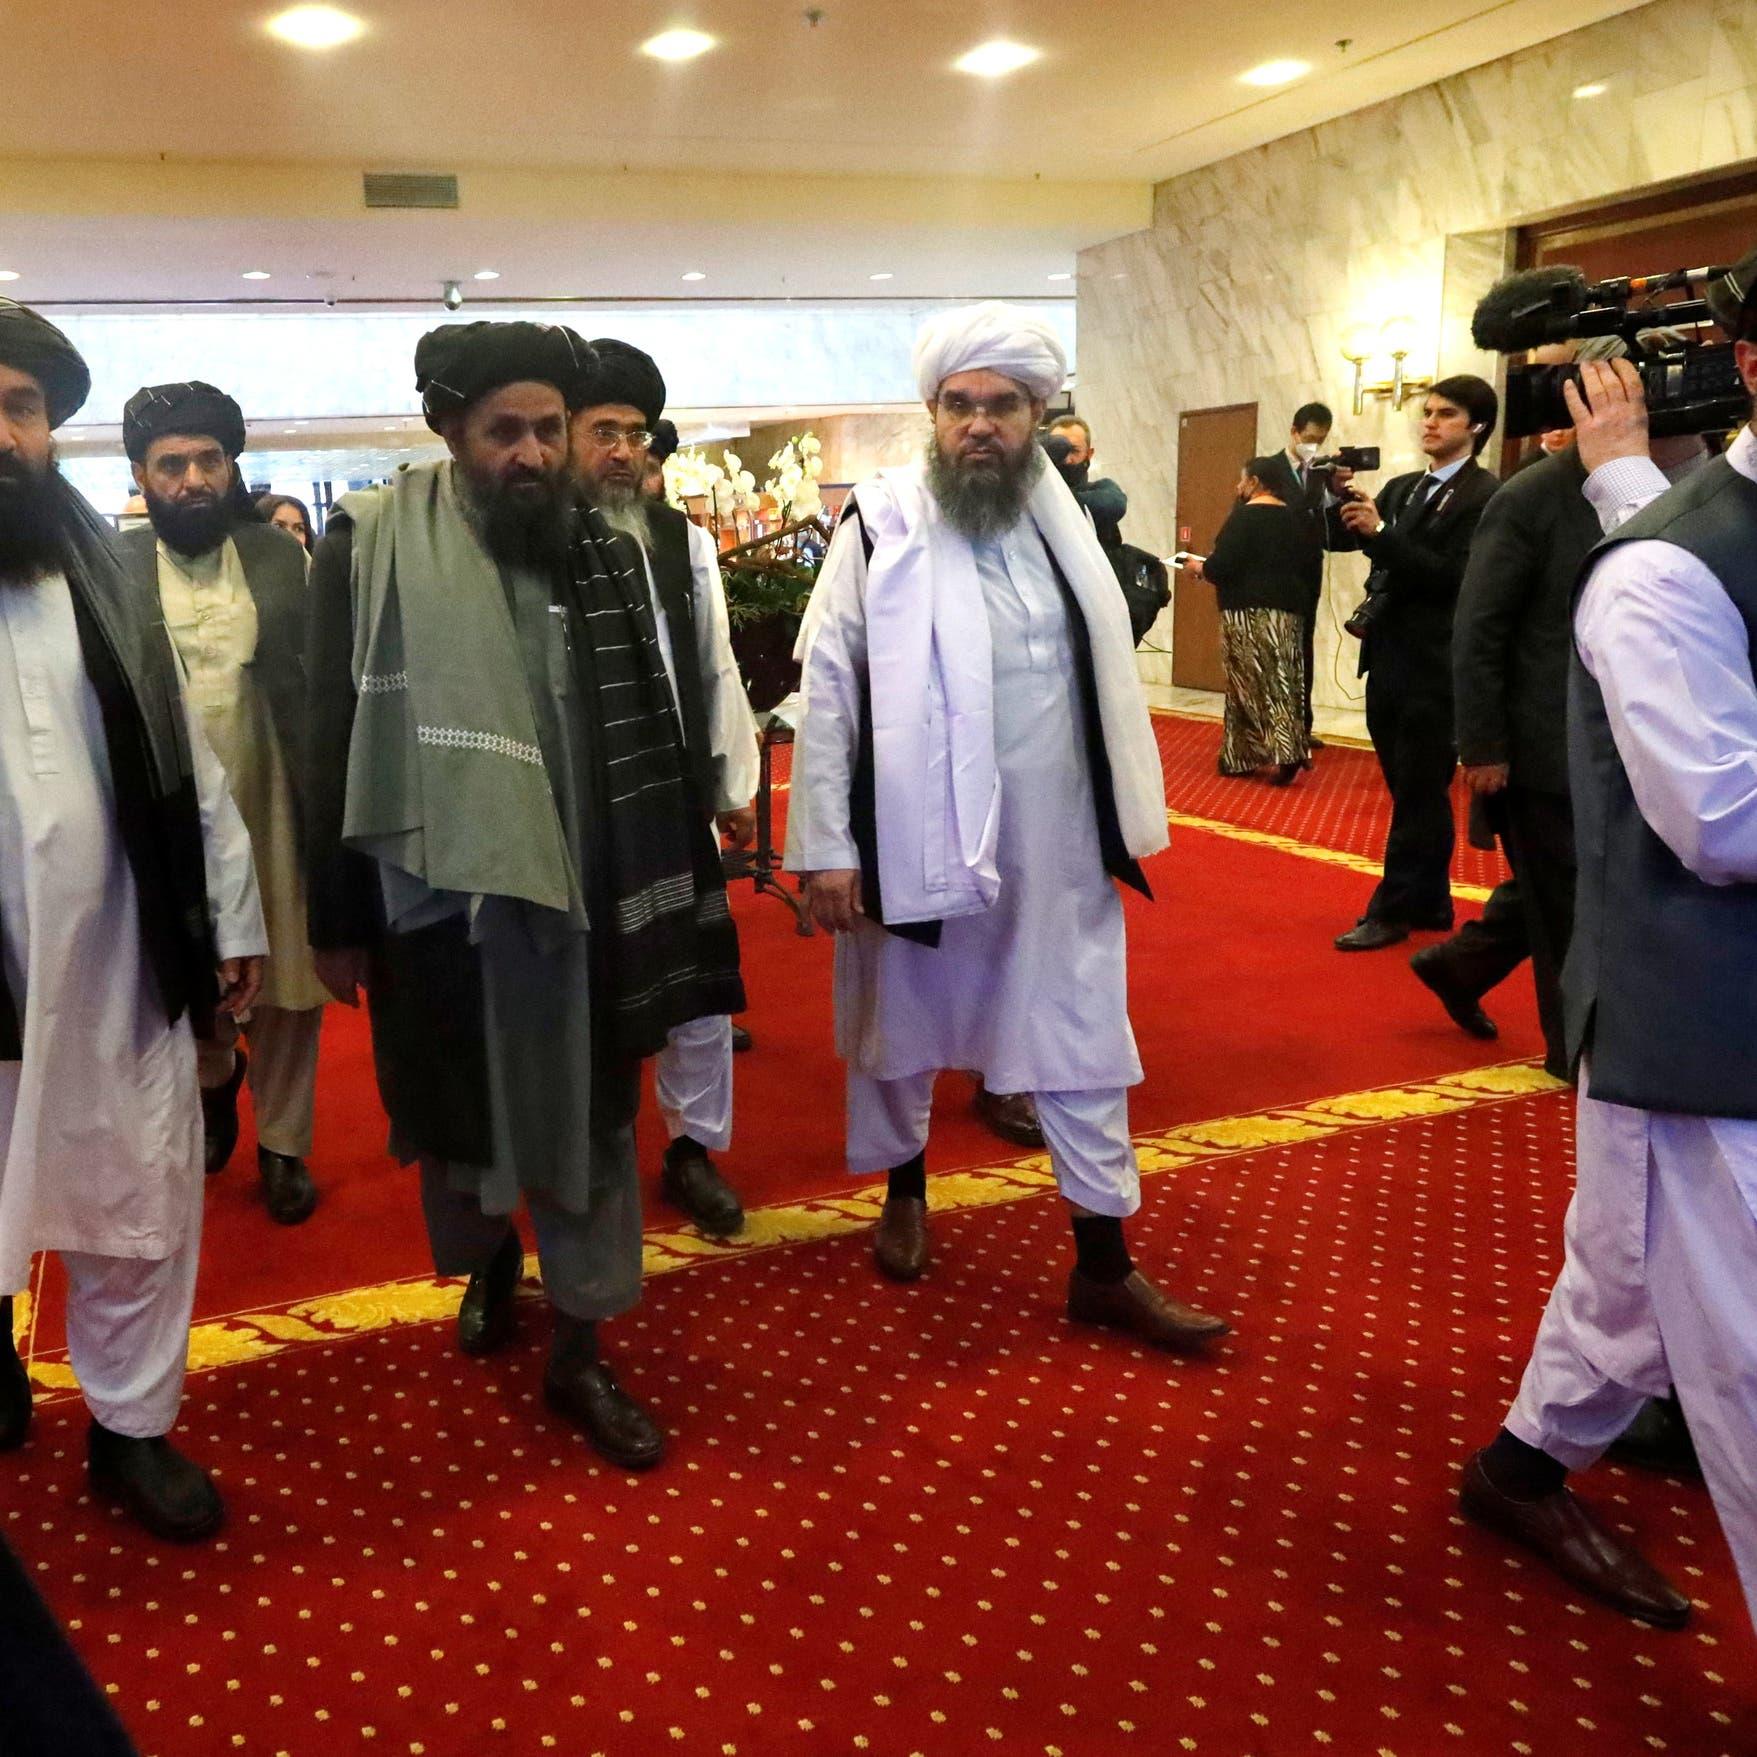 بالصور.. تعرف على أبرز قادة حركة طالبان